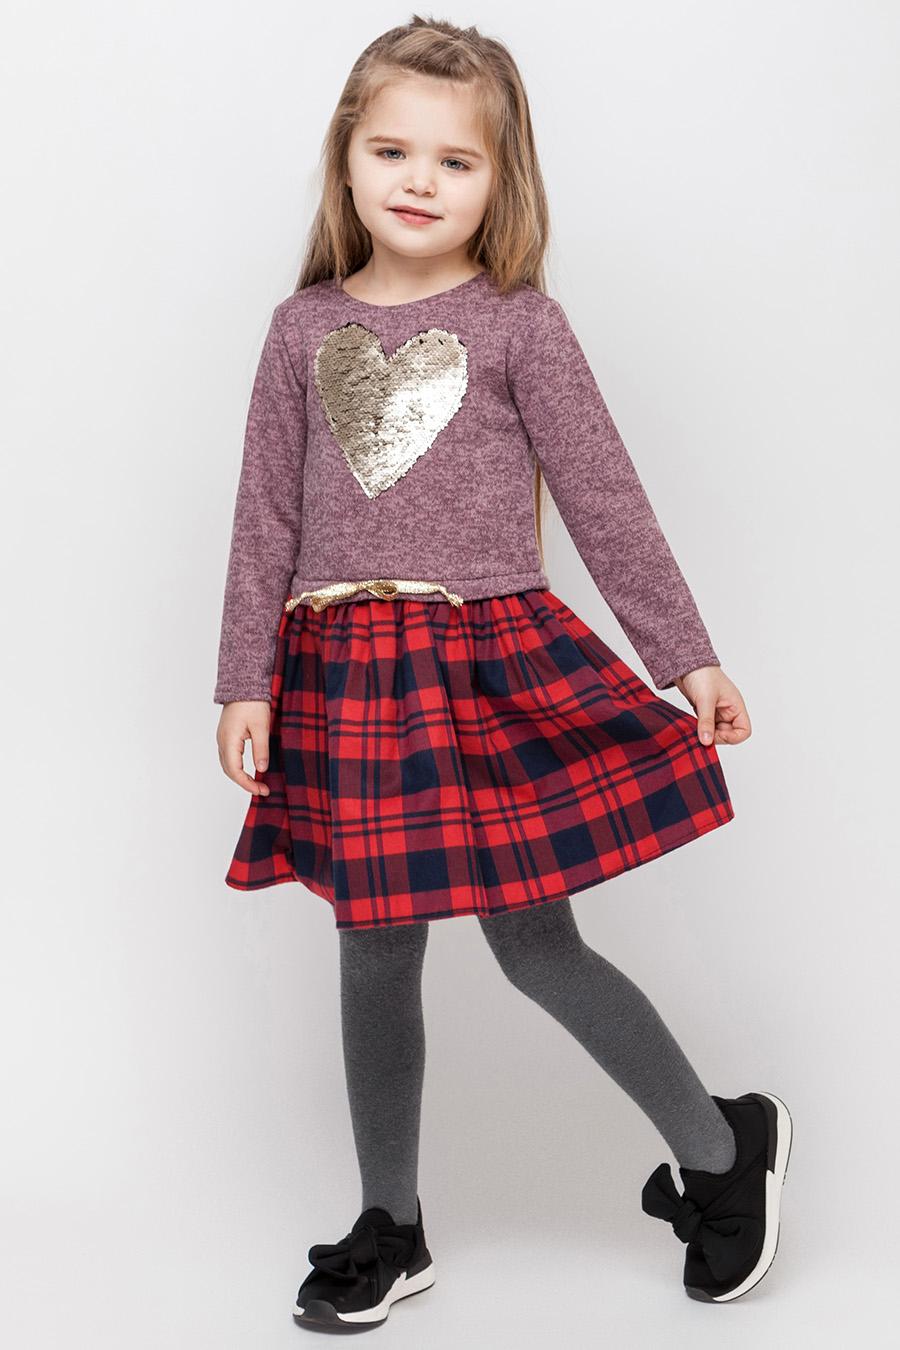 Платье для девочки «сердце»